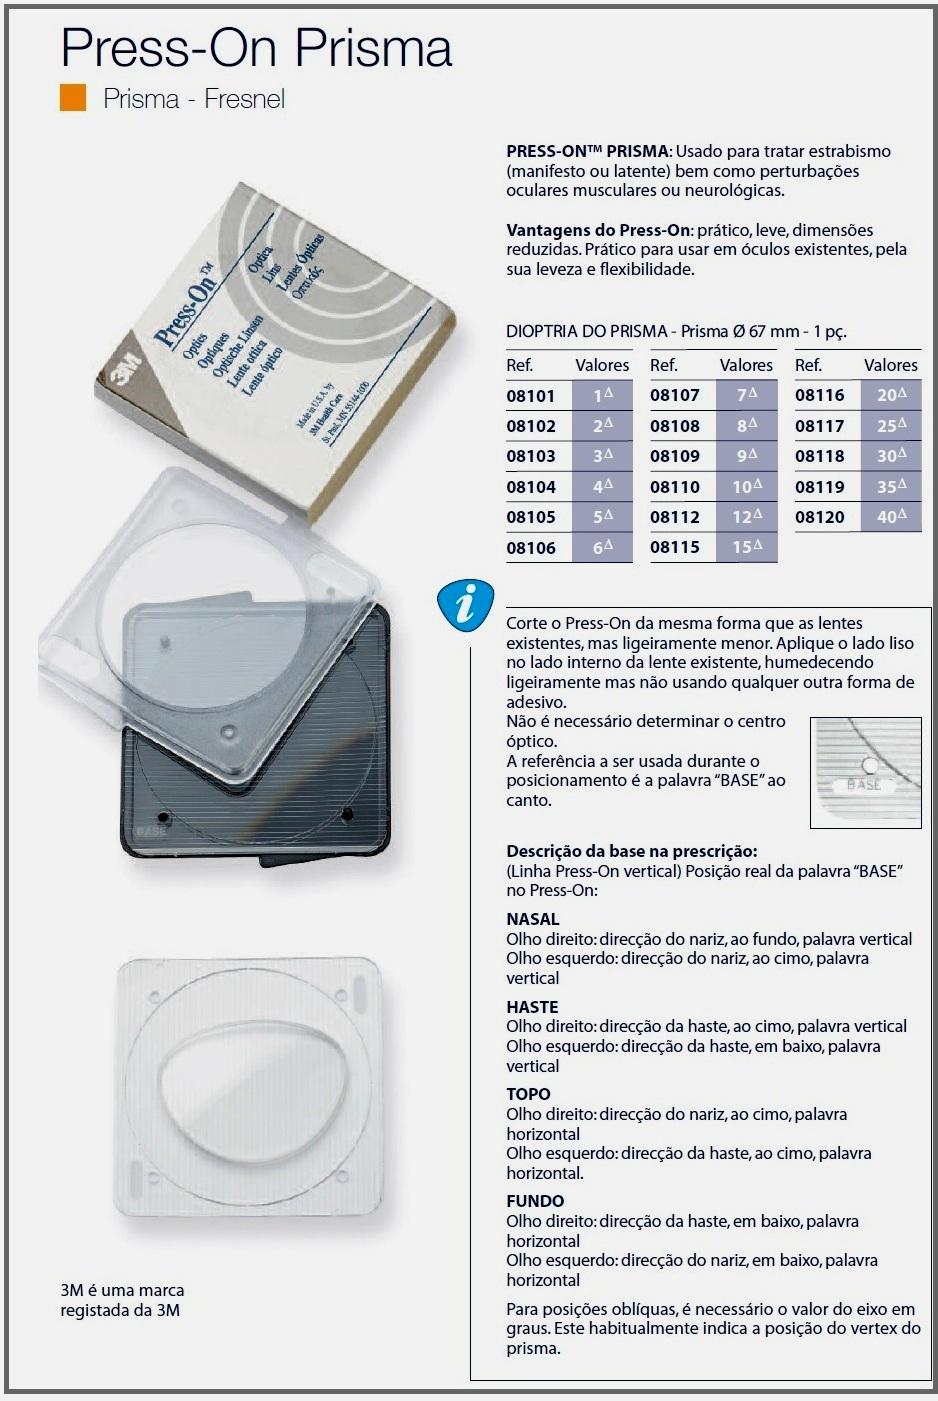 0208102 - CorreçãoVisual 02 Press-On Prisma 2 Mod 8102 FLAG O  -Contém 1 Peça